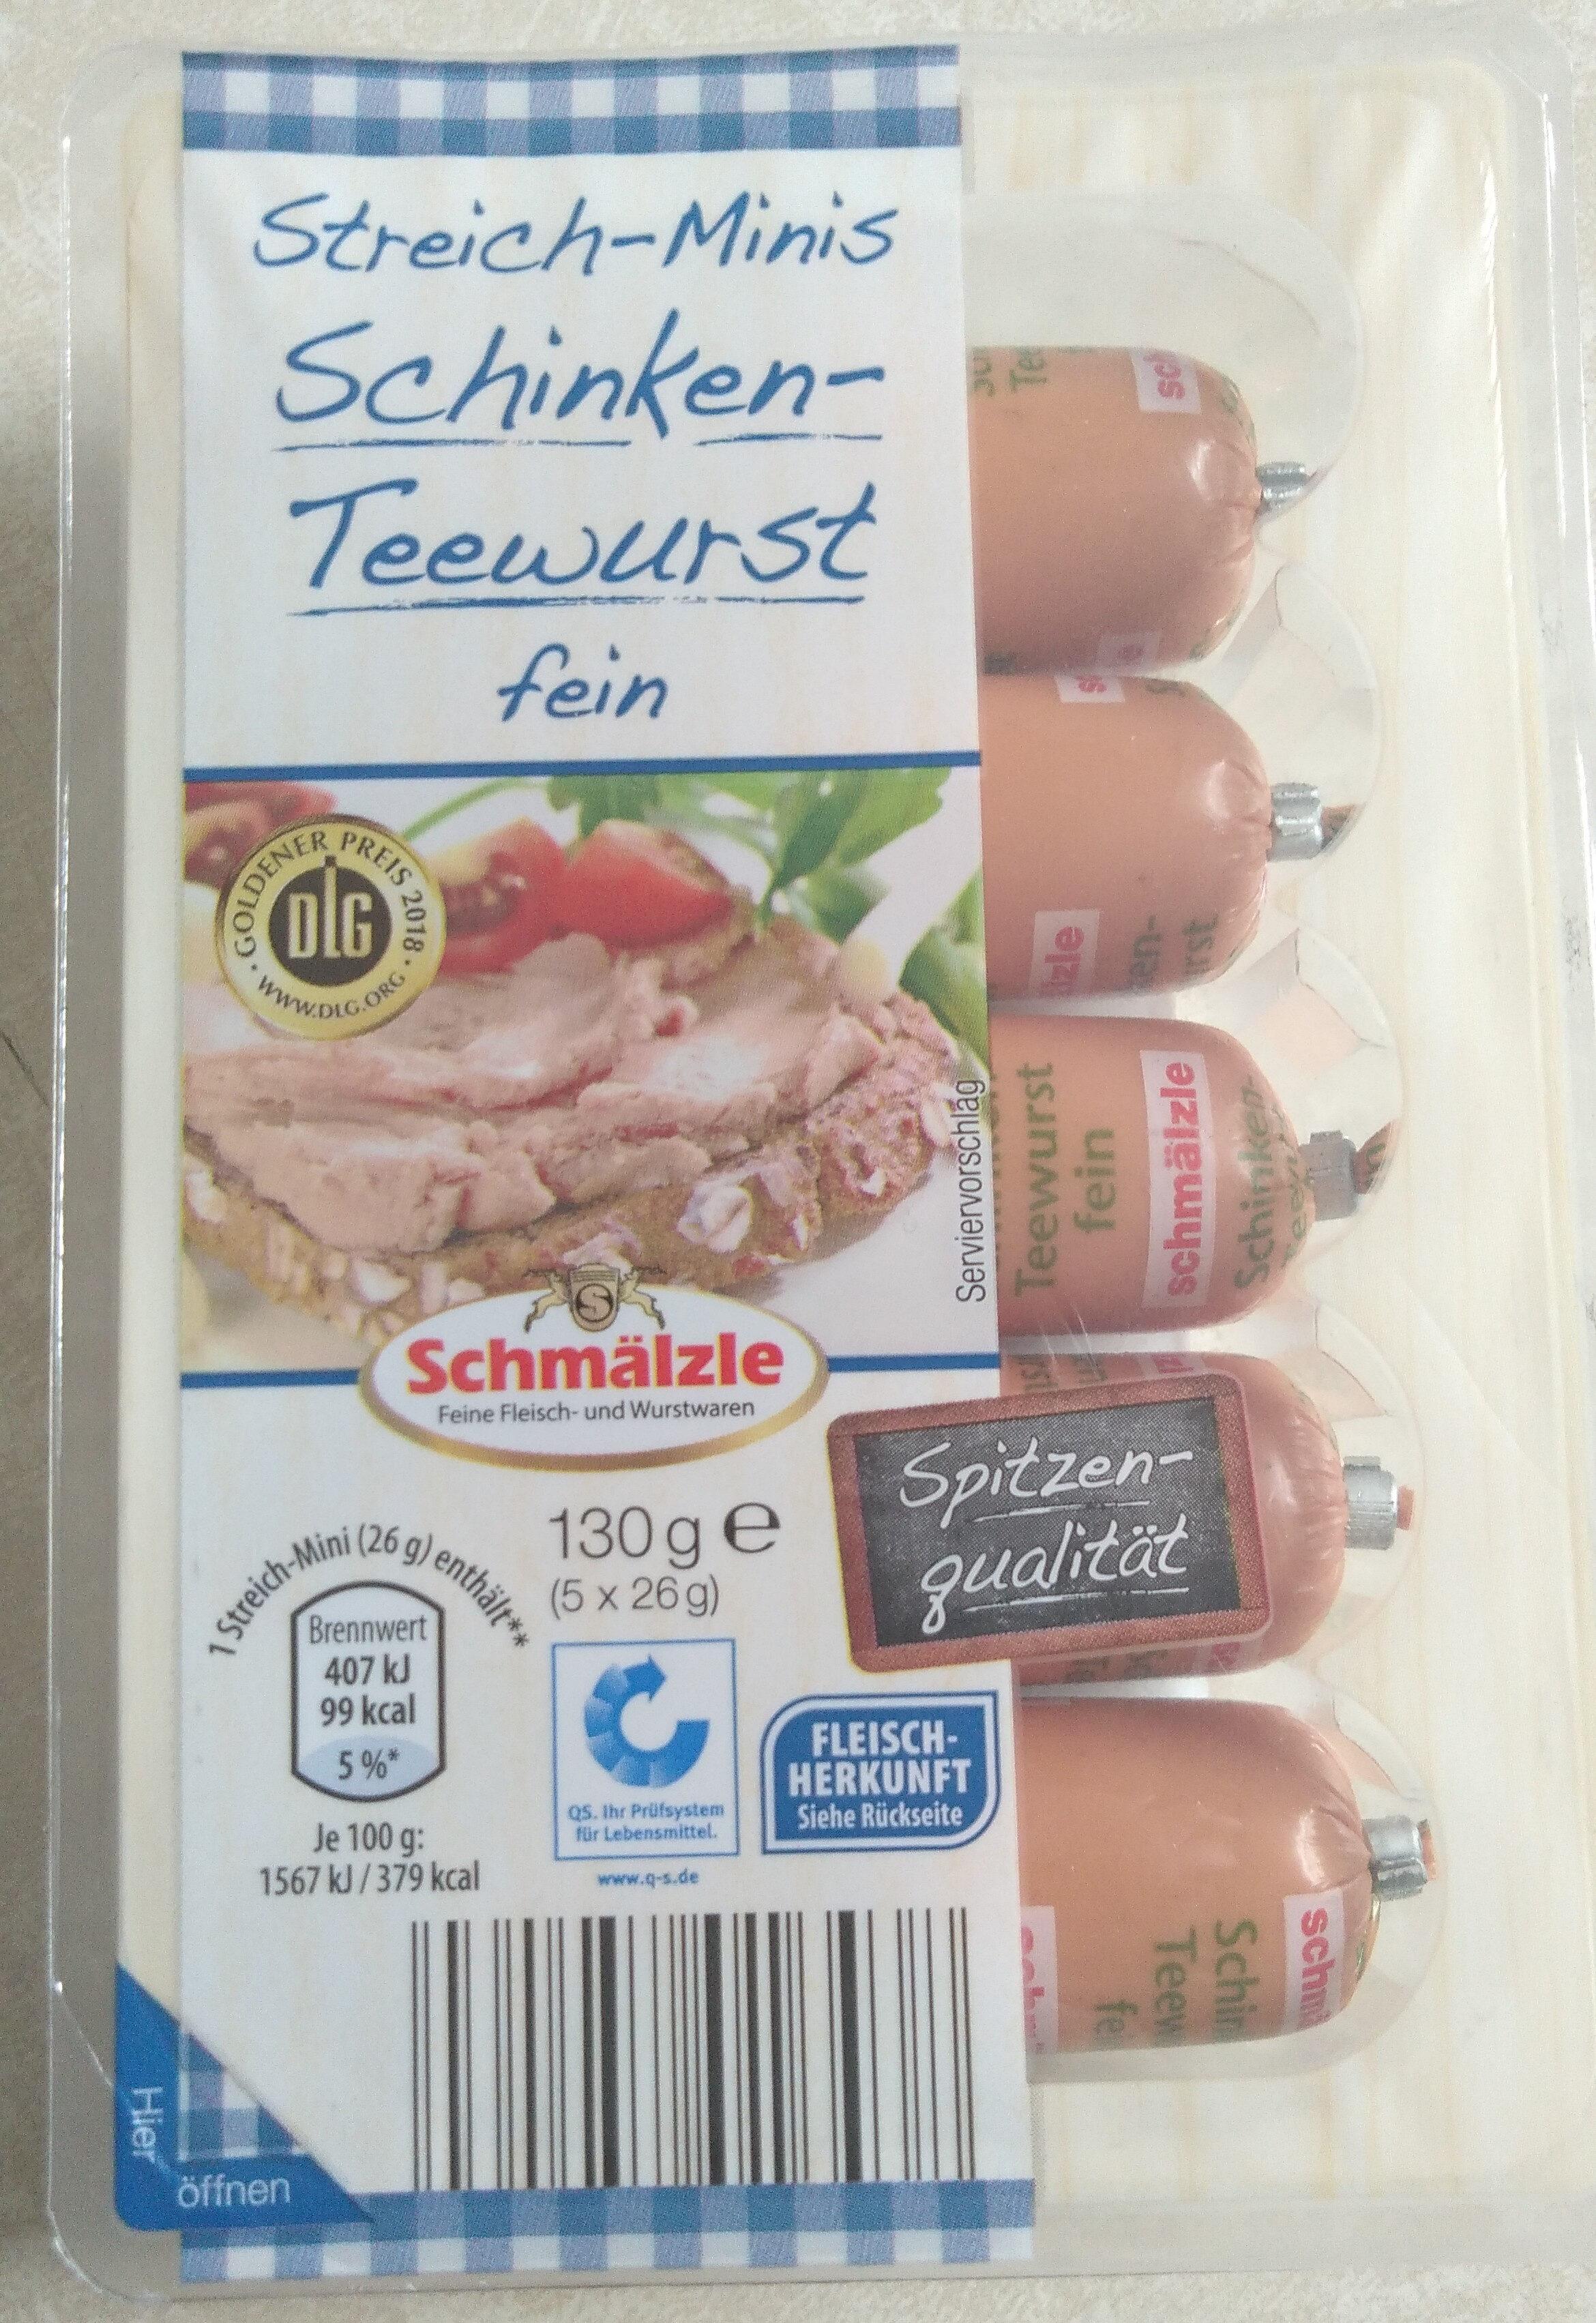 Streich-Minis Schinken-Teewurst fein - Product